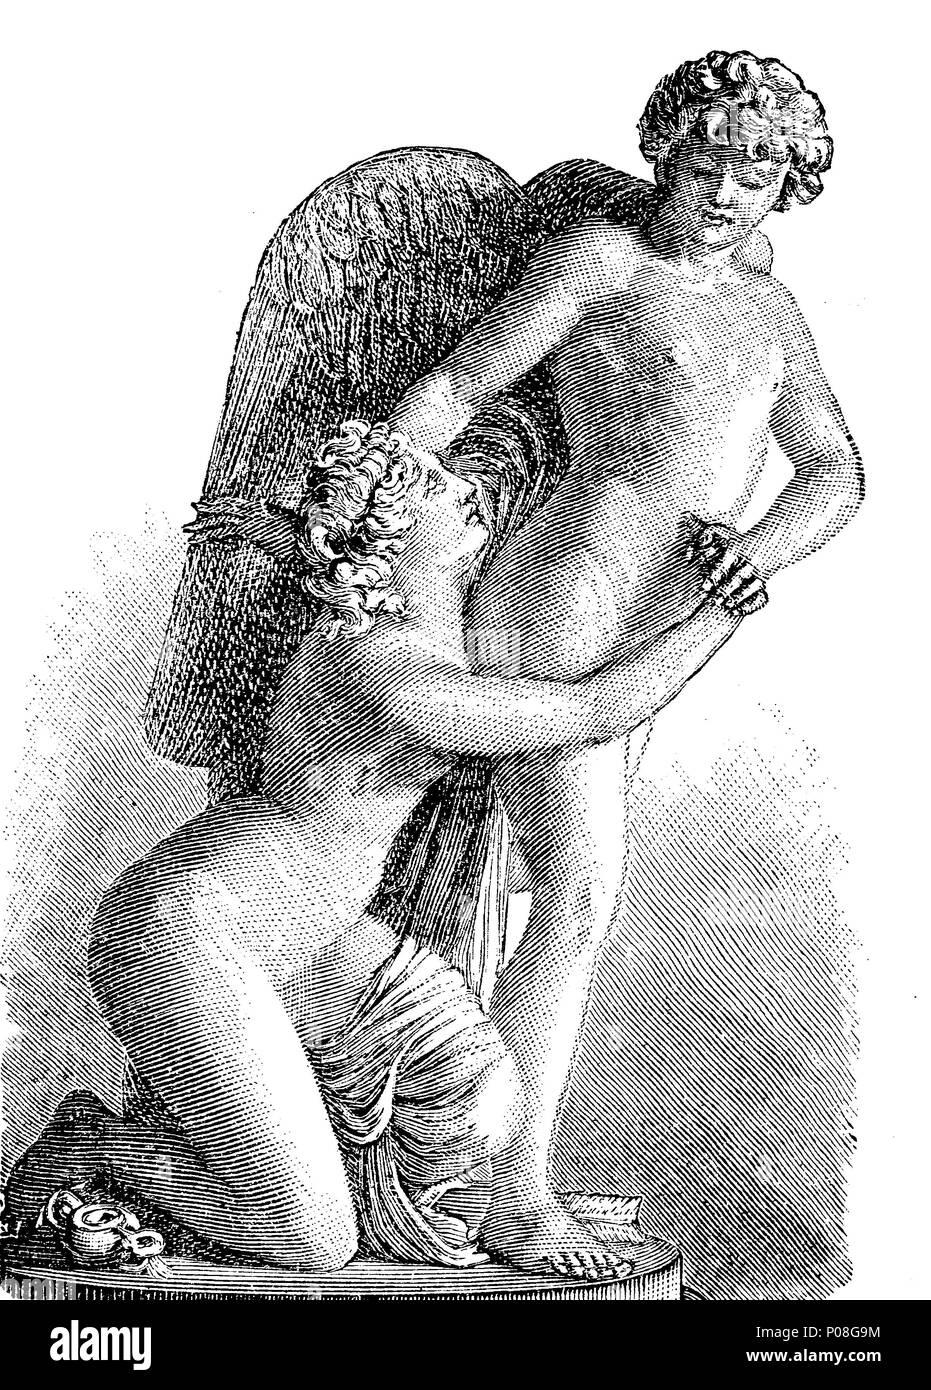 Sergel: Amor und psique, Cupido y psique, una historia originalmente desde Metamorphoses, escrito en el siglo II A.C. por Lucio Apuleyo Madaurensis, digital mejora la reproducción de una impresión original desde el año 1881 Imagen De Stock